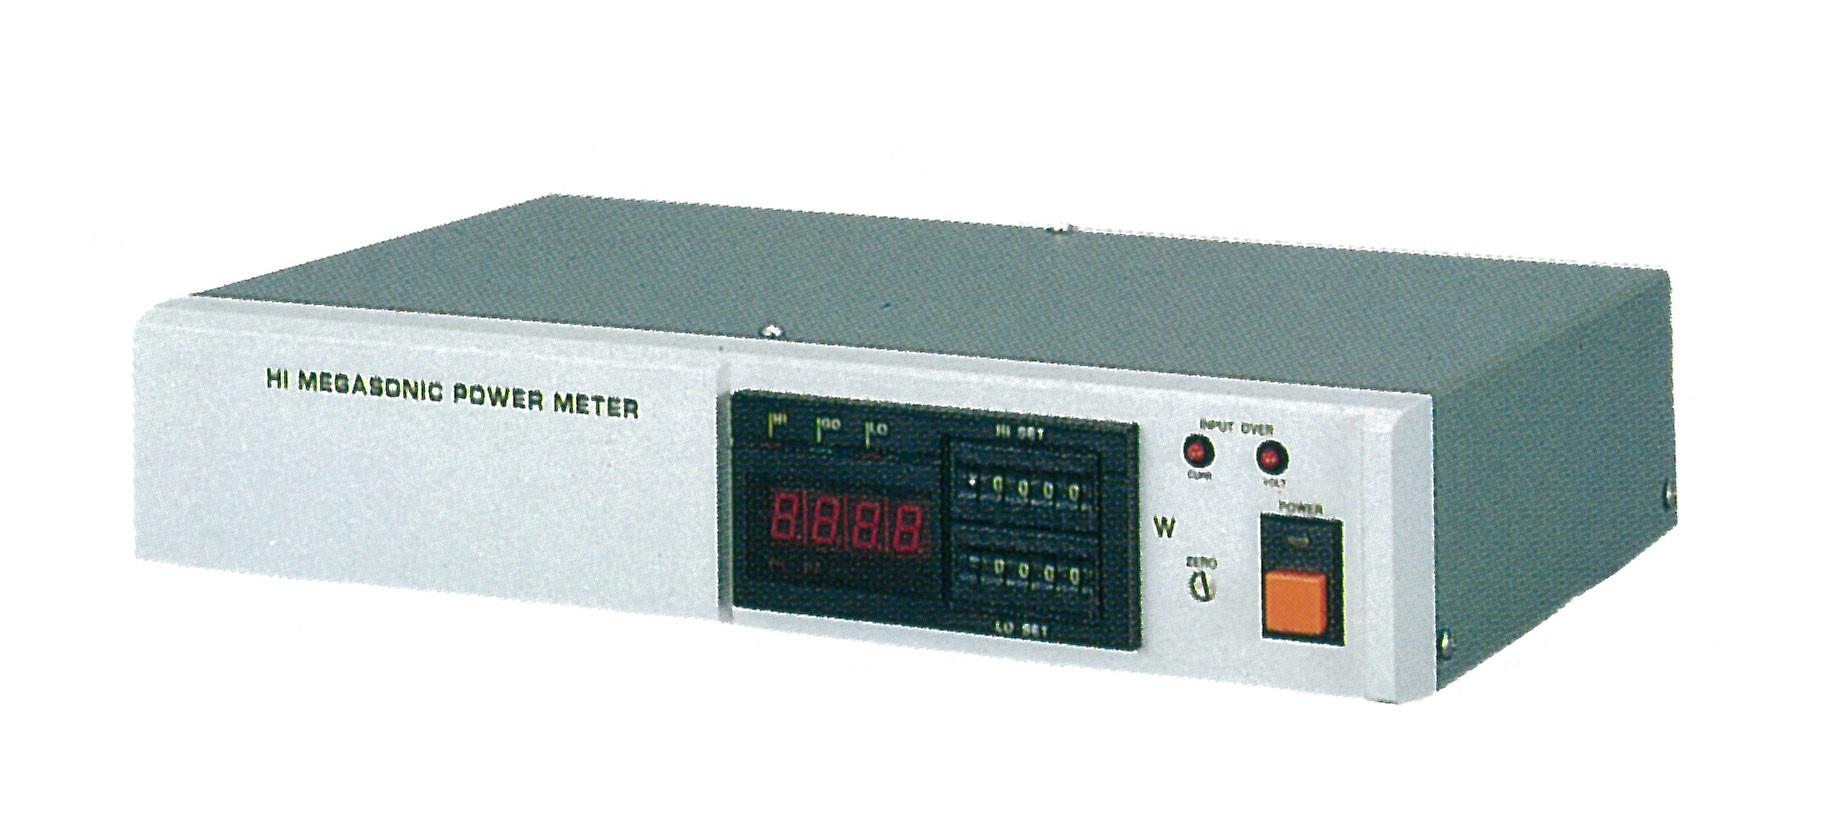 【展示室】展示機器の紹介 工業用超音波洗浄機 ダイナミック  6361型発振器